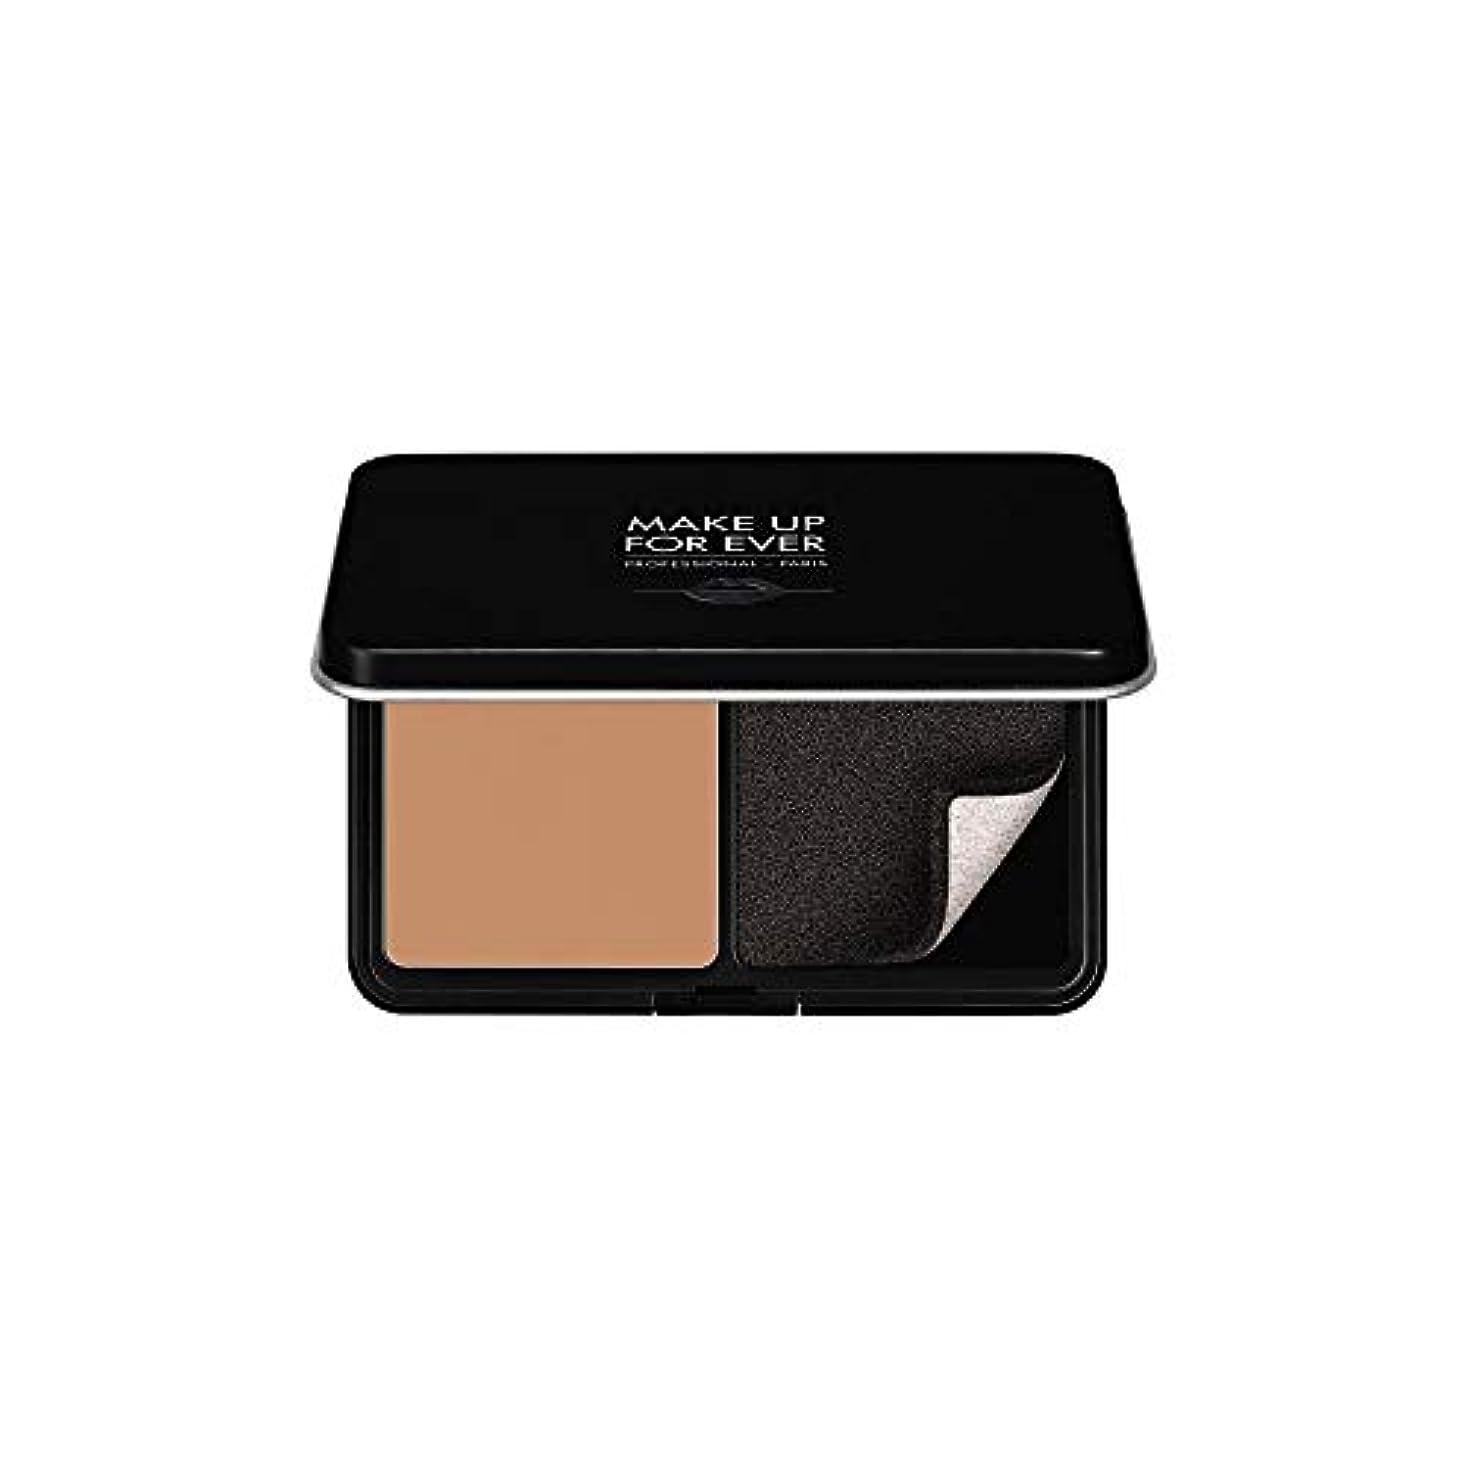 迷信通貨最少メイクアップフォーエバー Matte Velvet Skin Blurring Powder Foundation - # R410 (Golden Beige) 11g/0.38oz並行輸入品